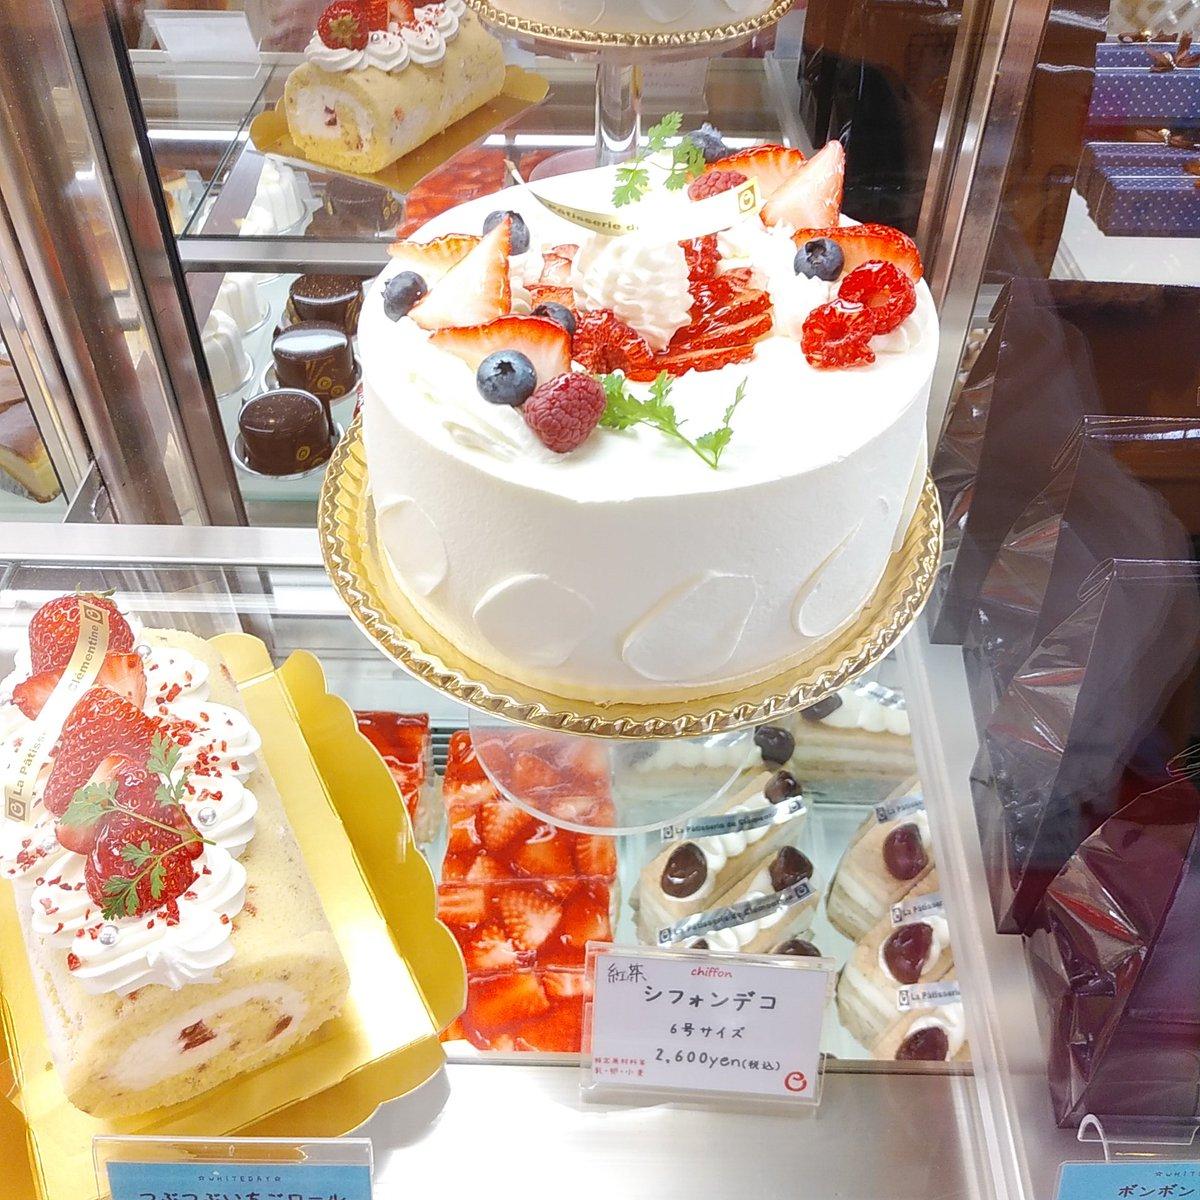 🎂成田のケーキ屋さん ラ・クレマンティーヌ's photo on Clémentine